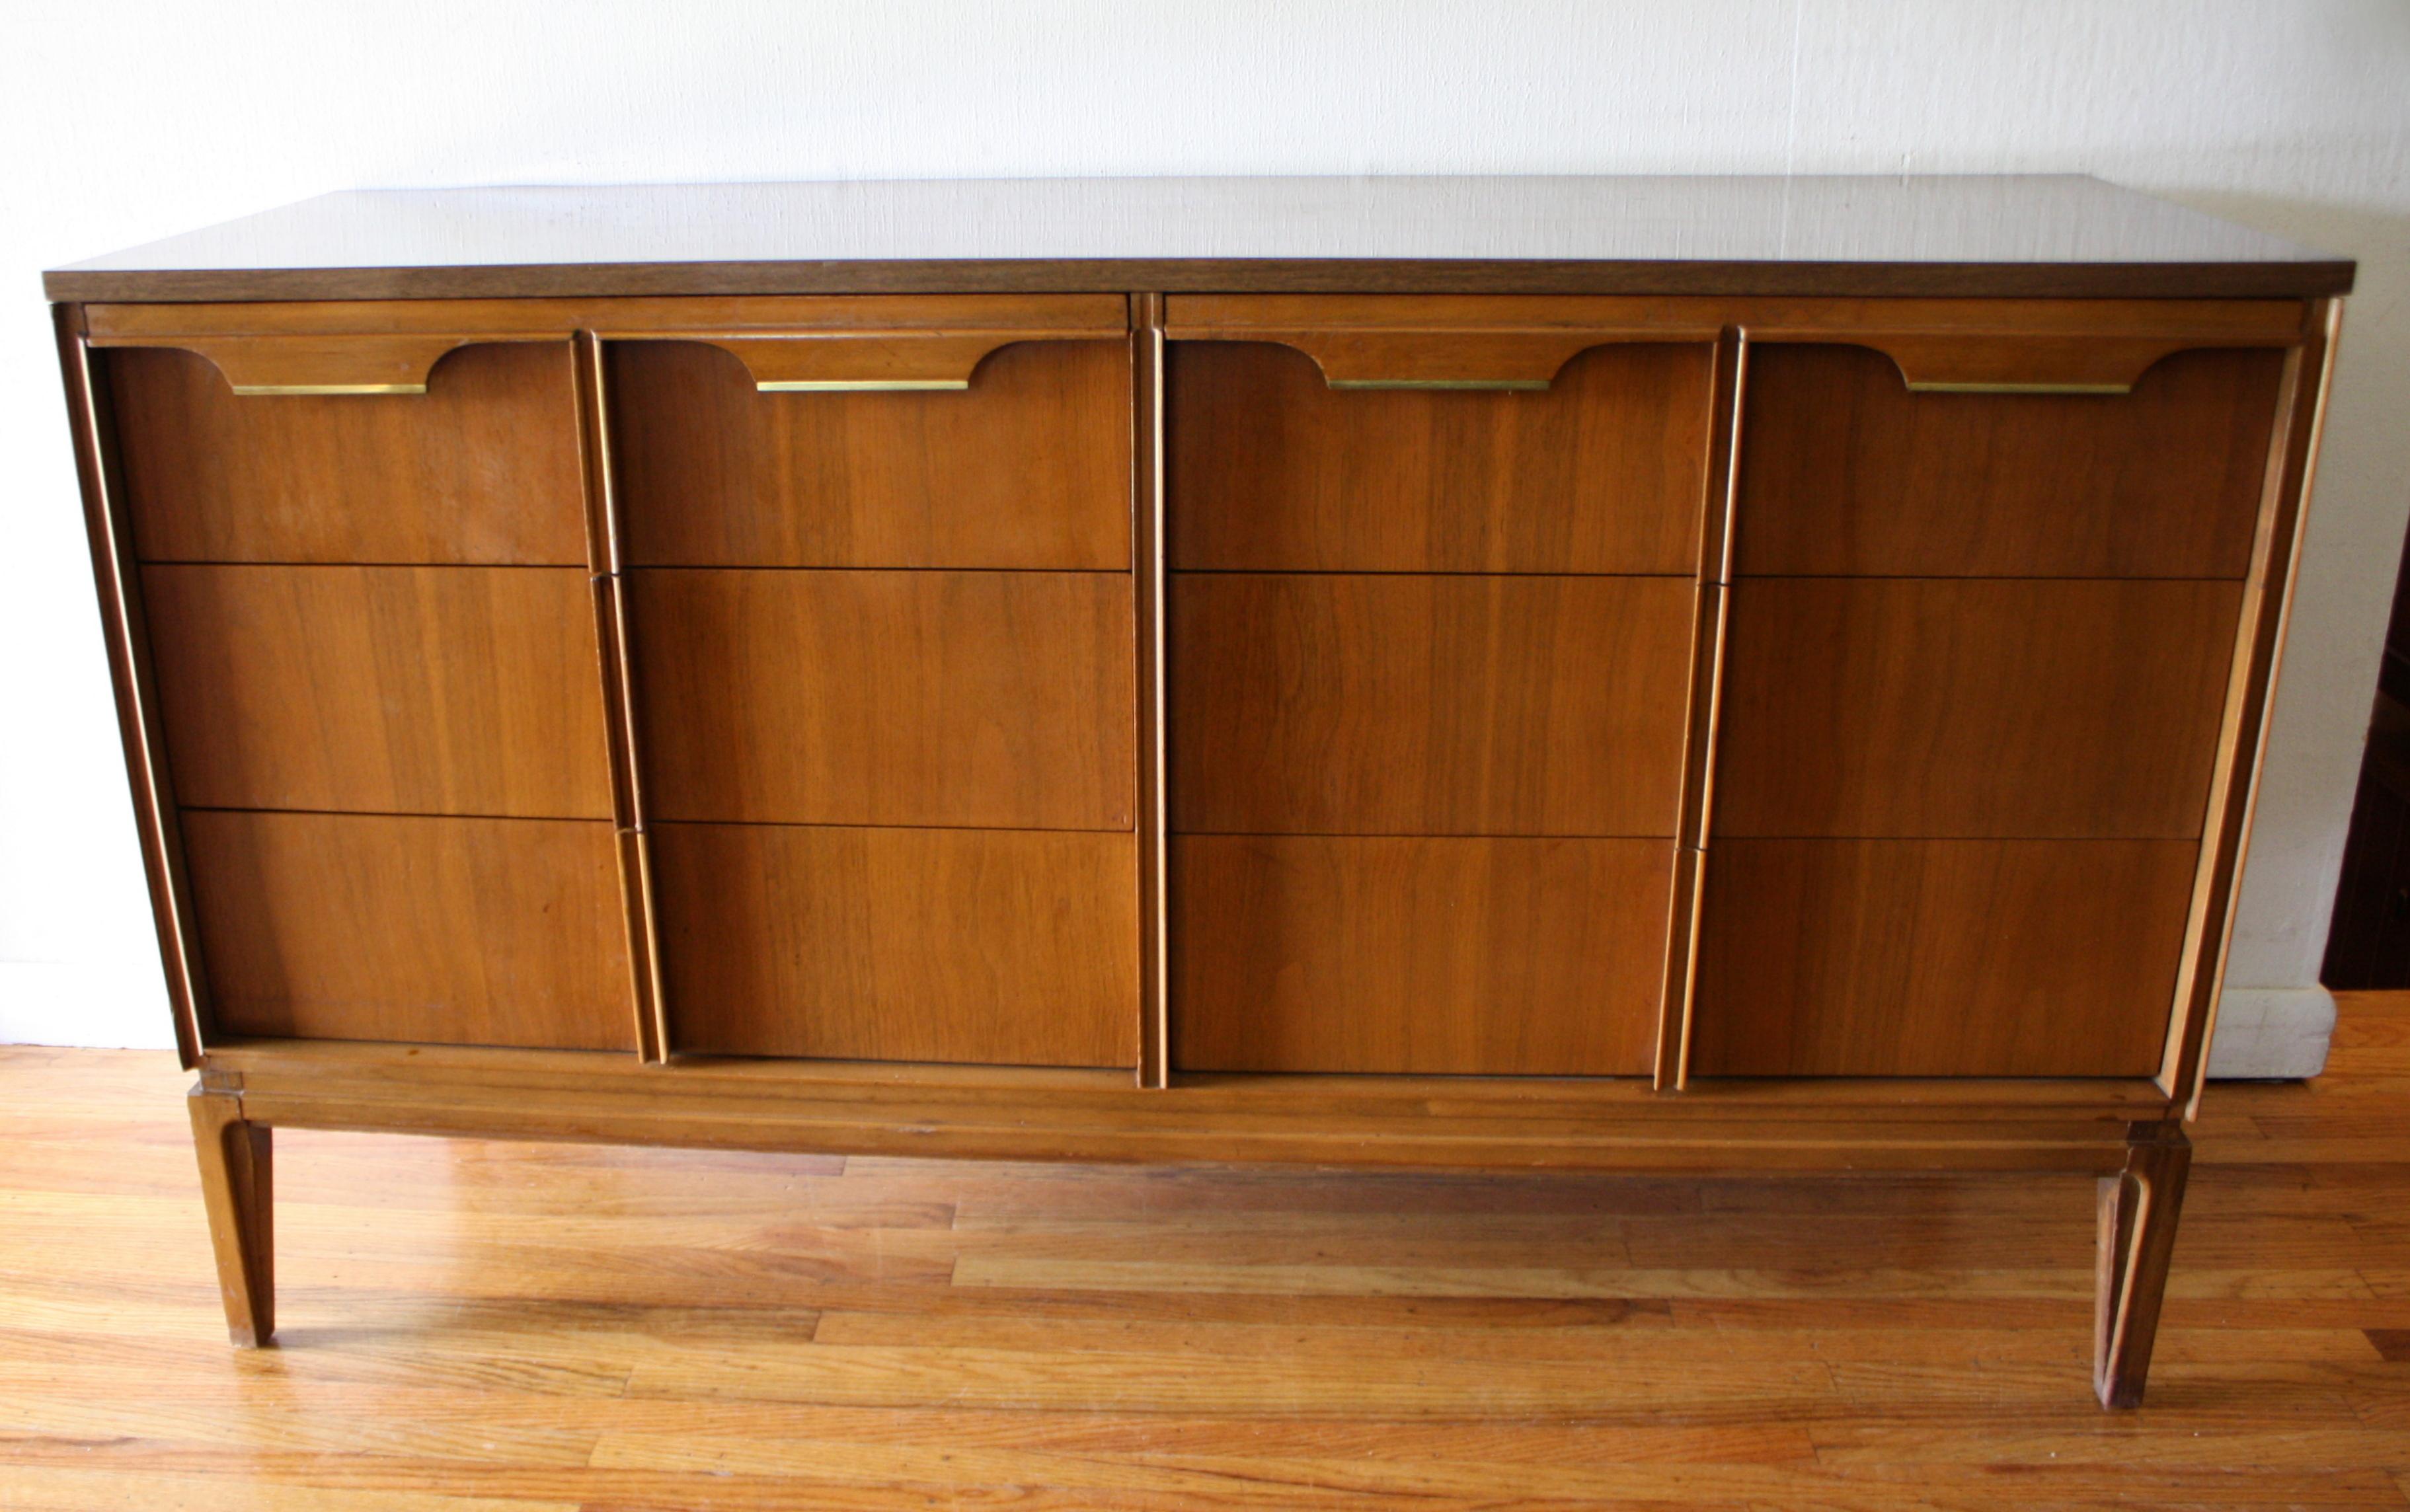 BasicWitz 6 drawer dresser brass handles 1